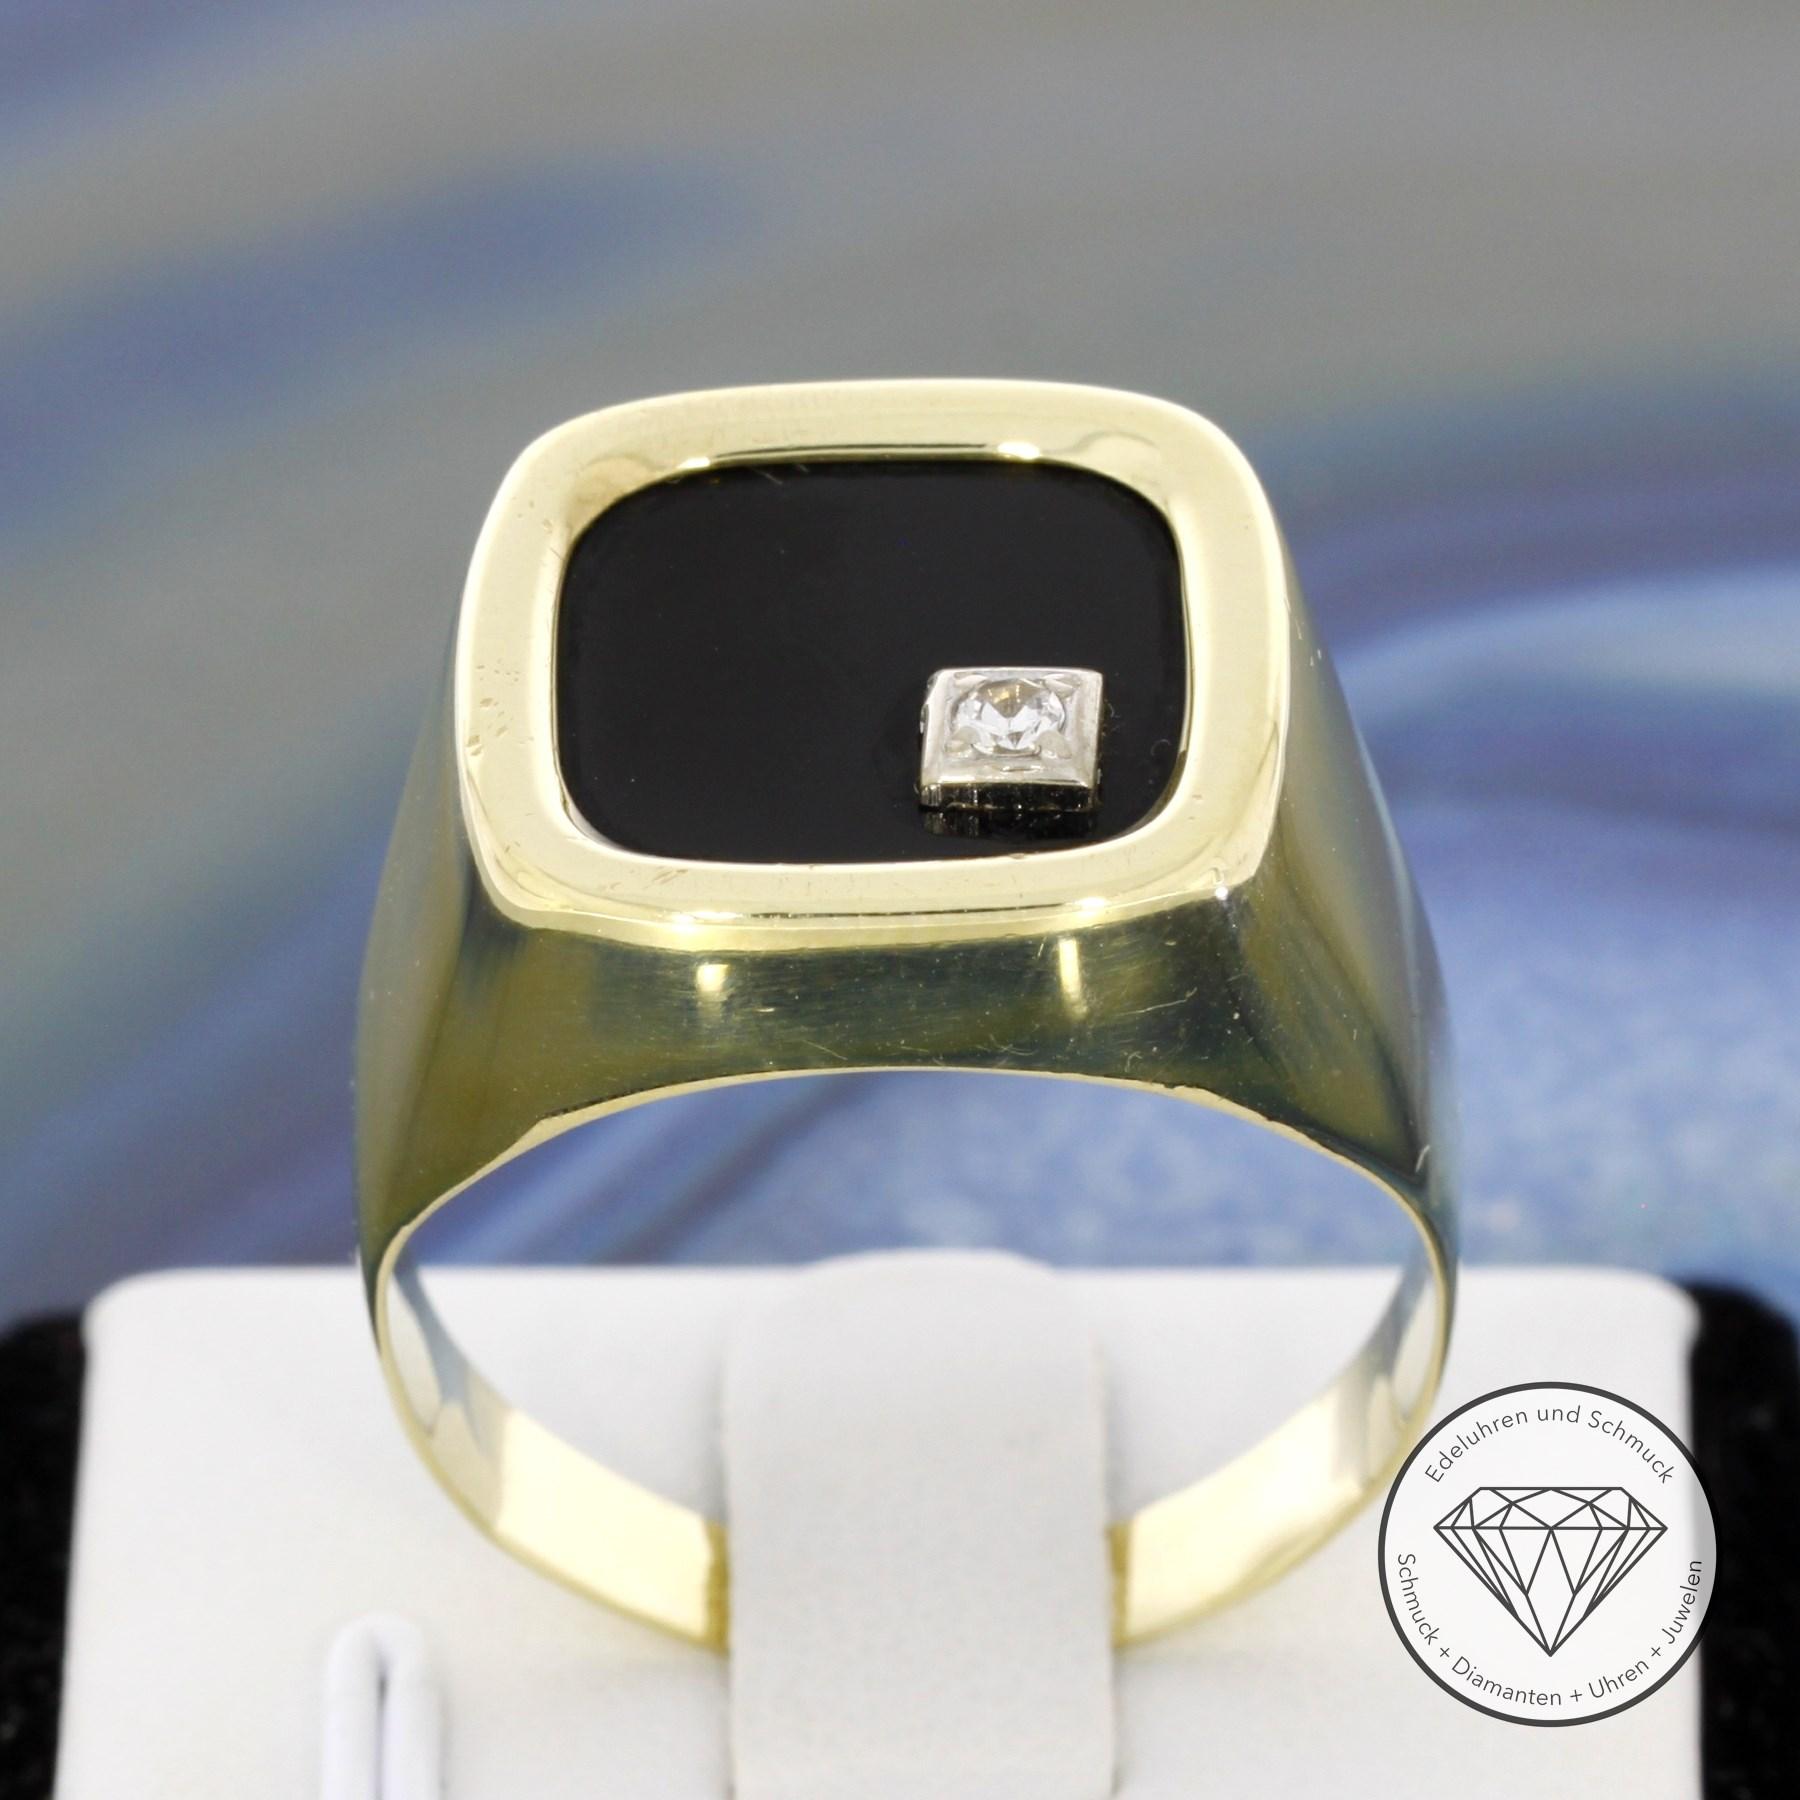 wert 480 formsch ner 333 8 karat gelb gold onyx quarz. Black Bedroom Furniture Sets. Home Design Ideas